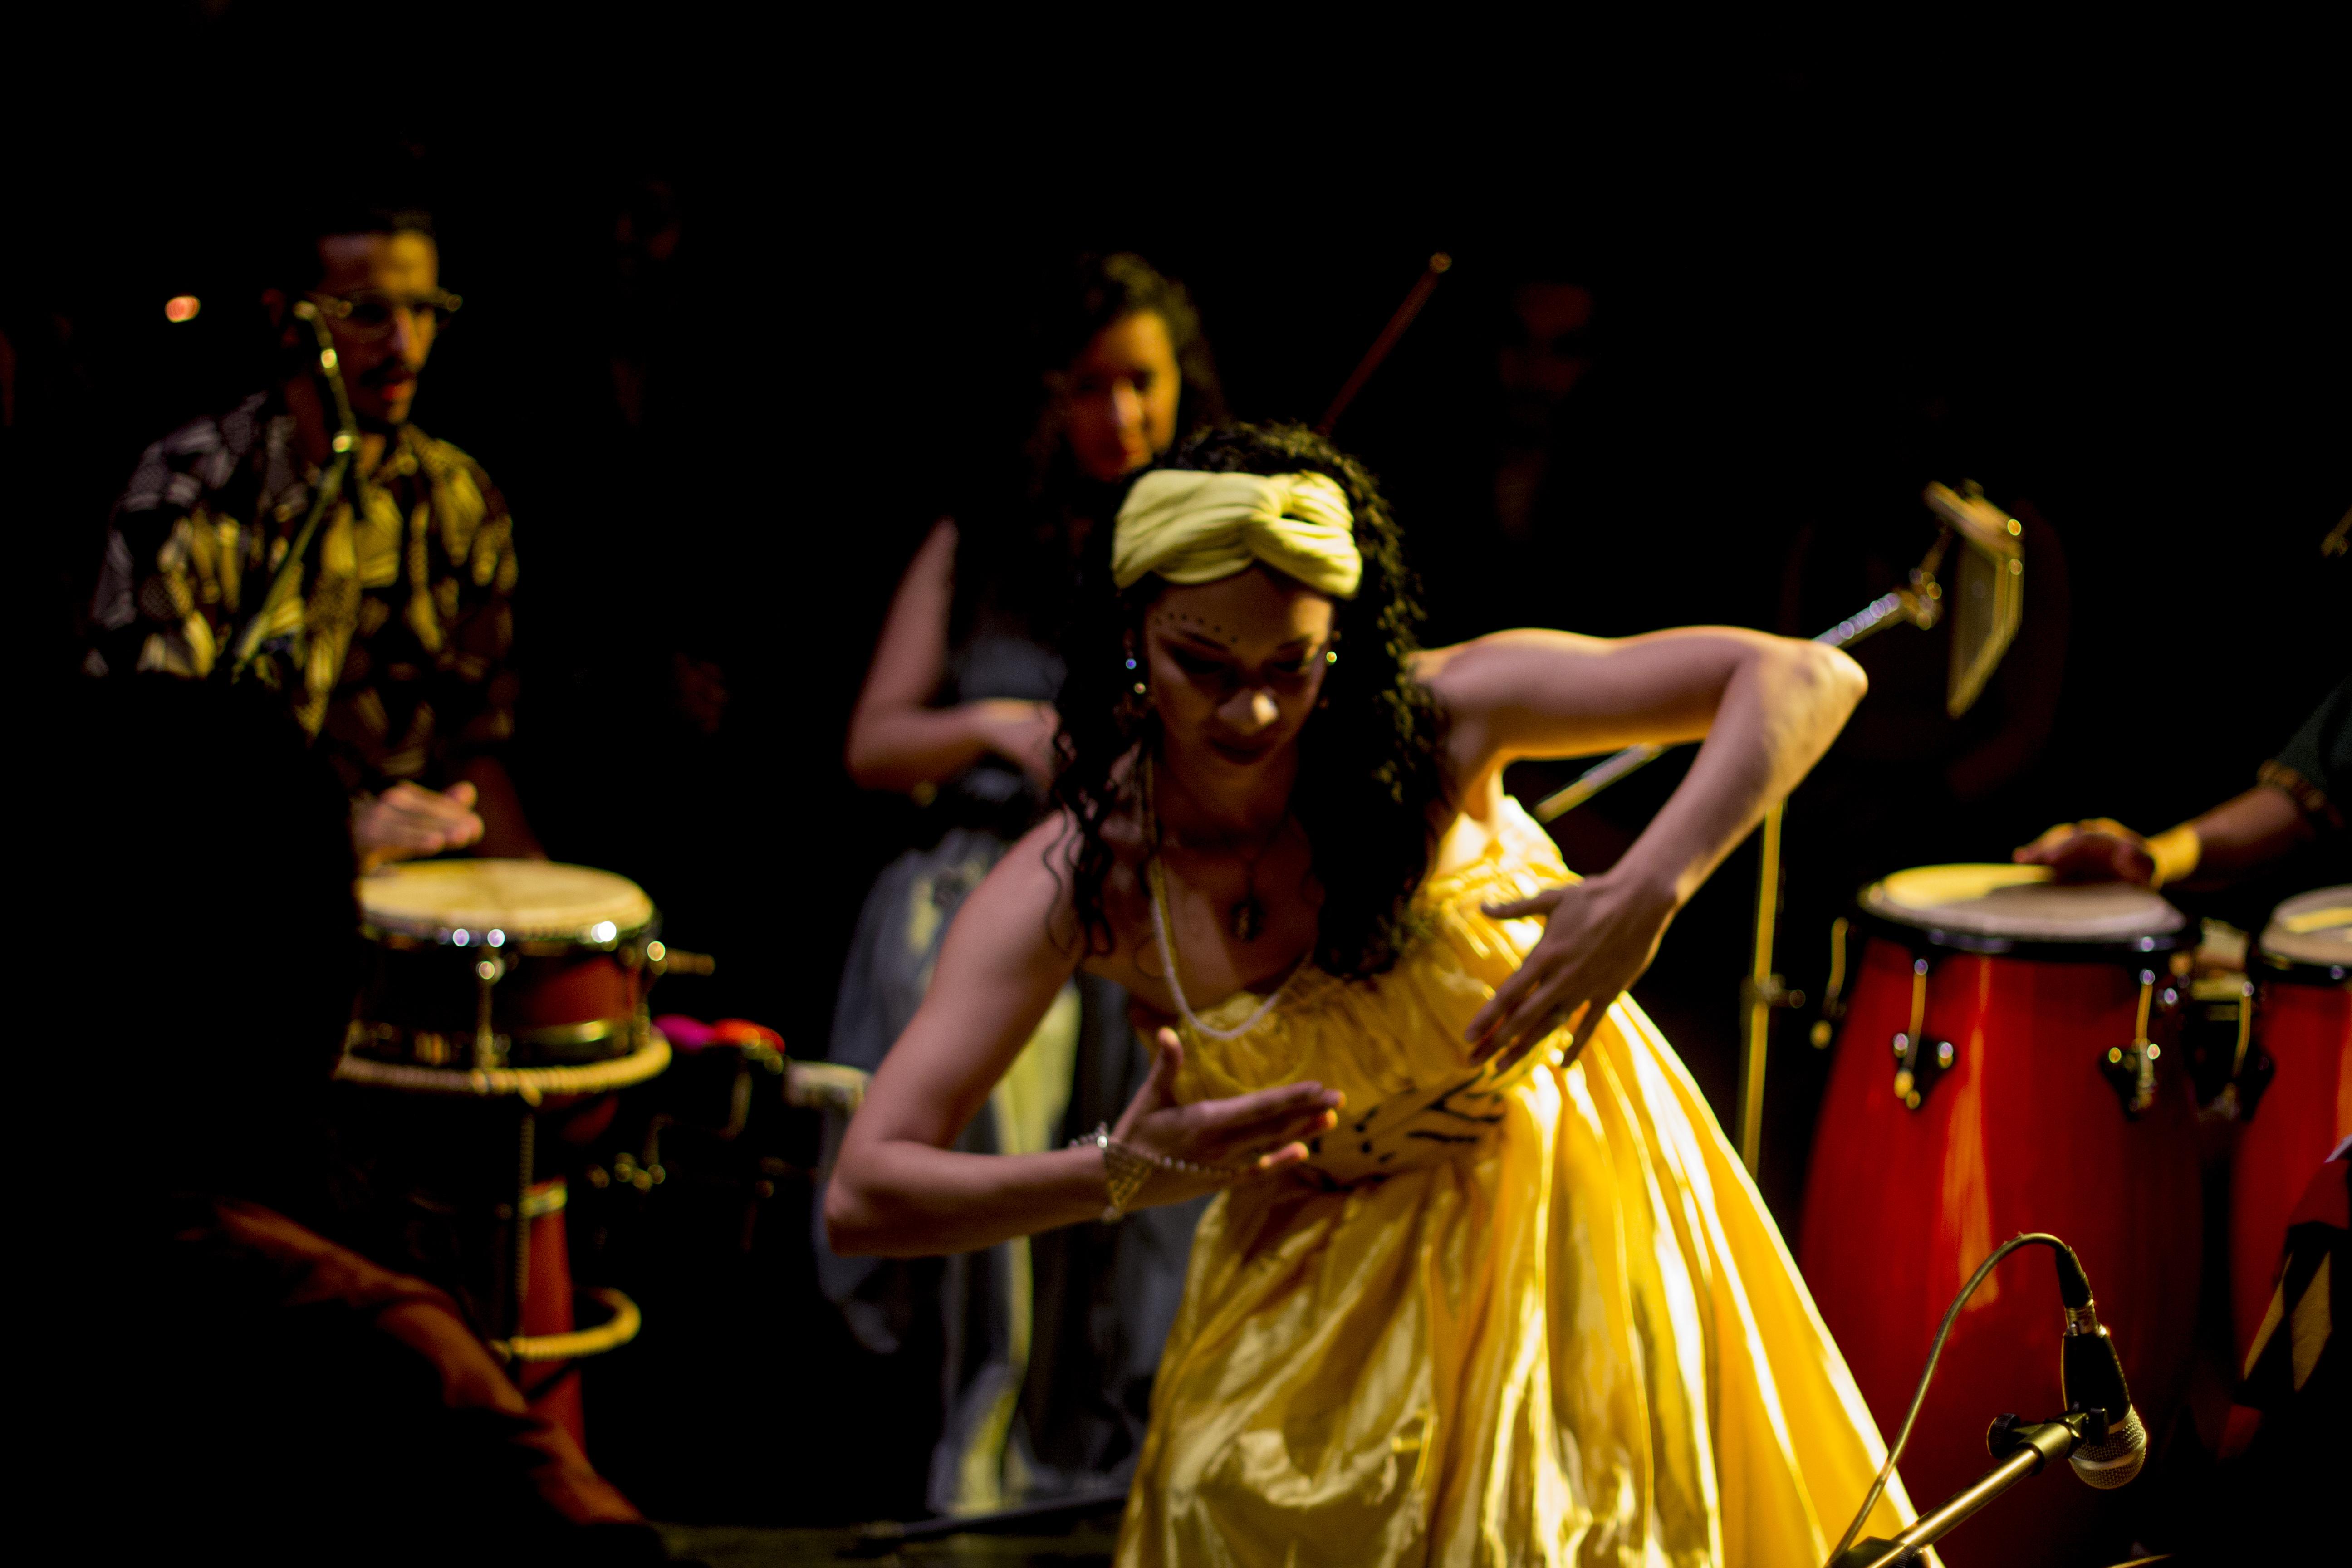 concerto-encontro-etnolirico-espaco-clario17set_sidney-rocharte-42